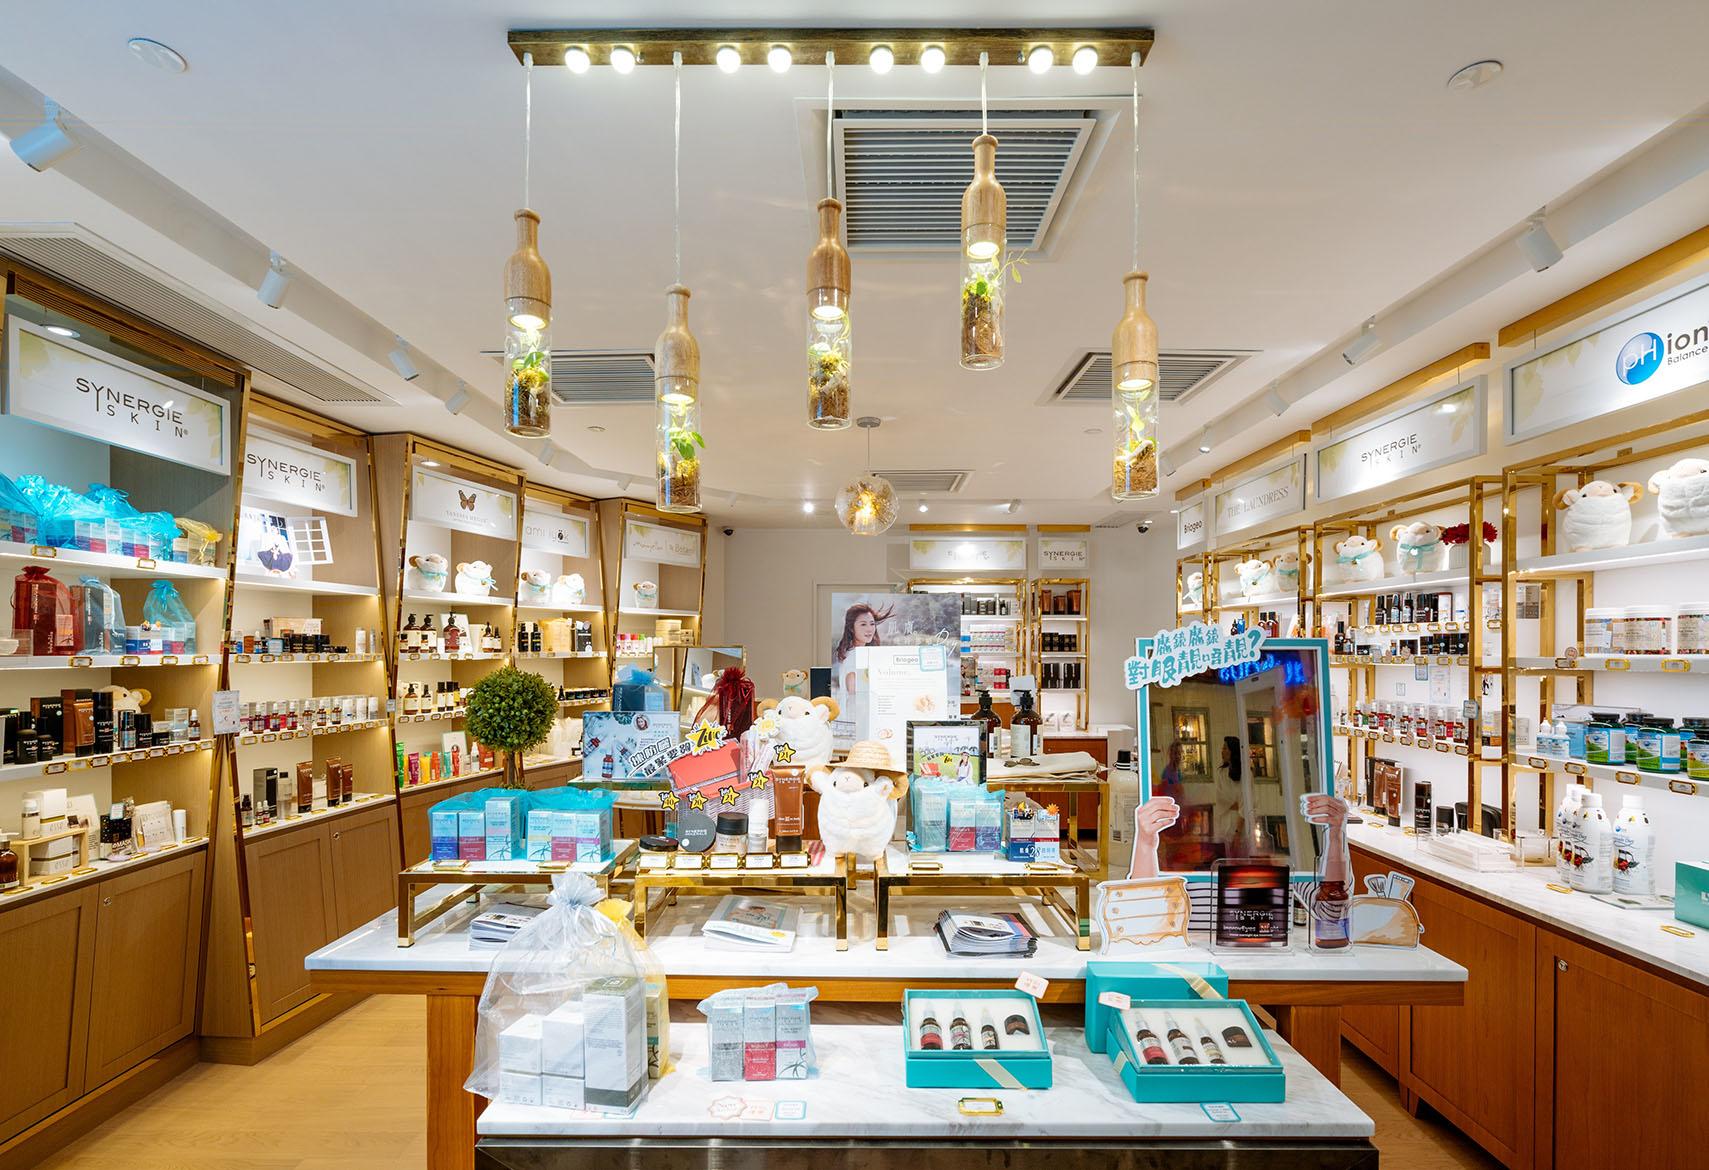 Tseung Kwan O store